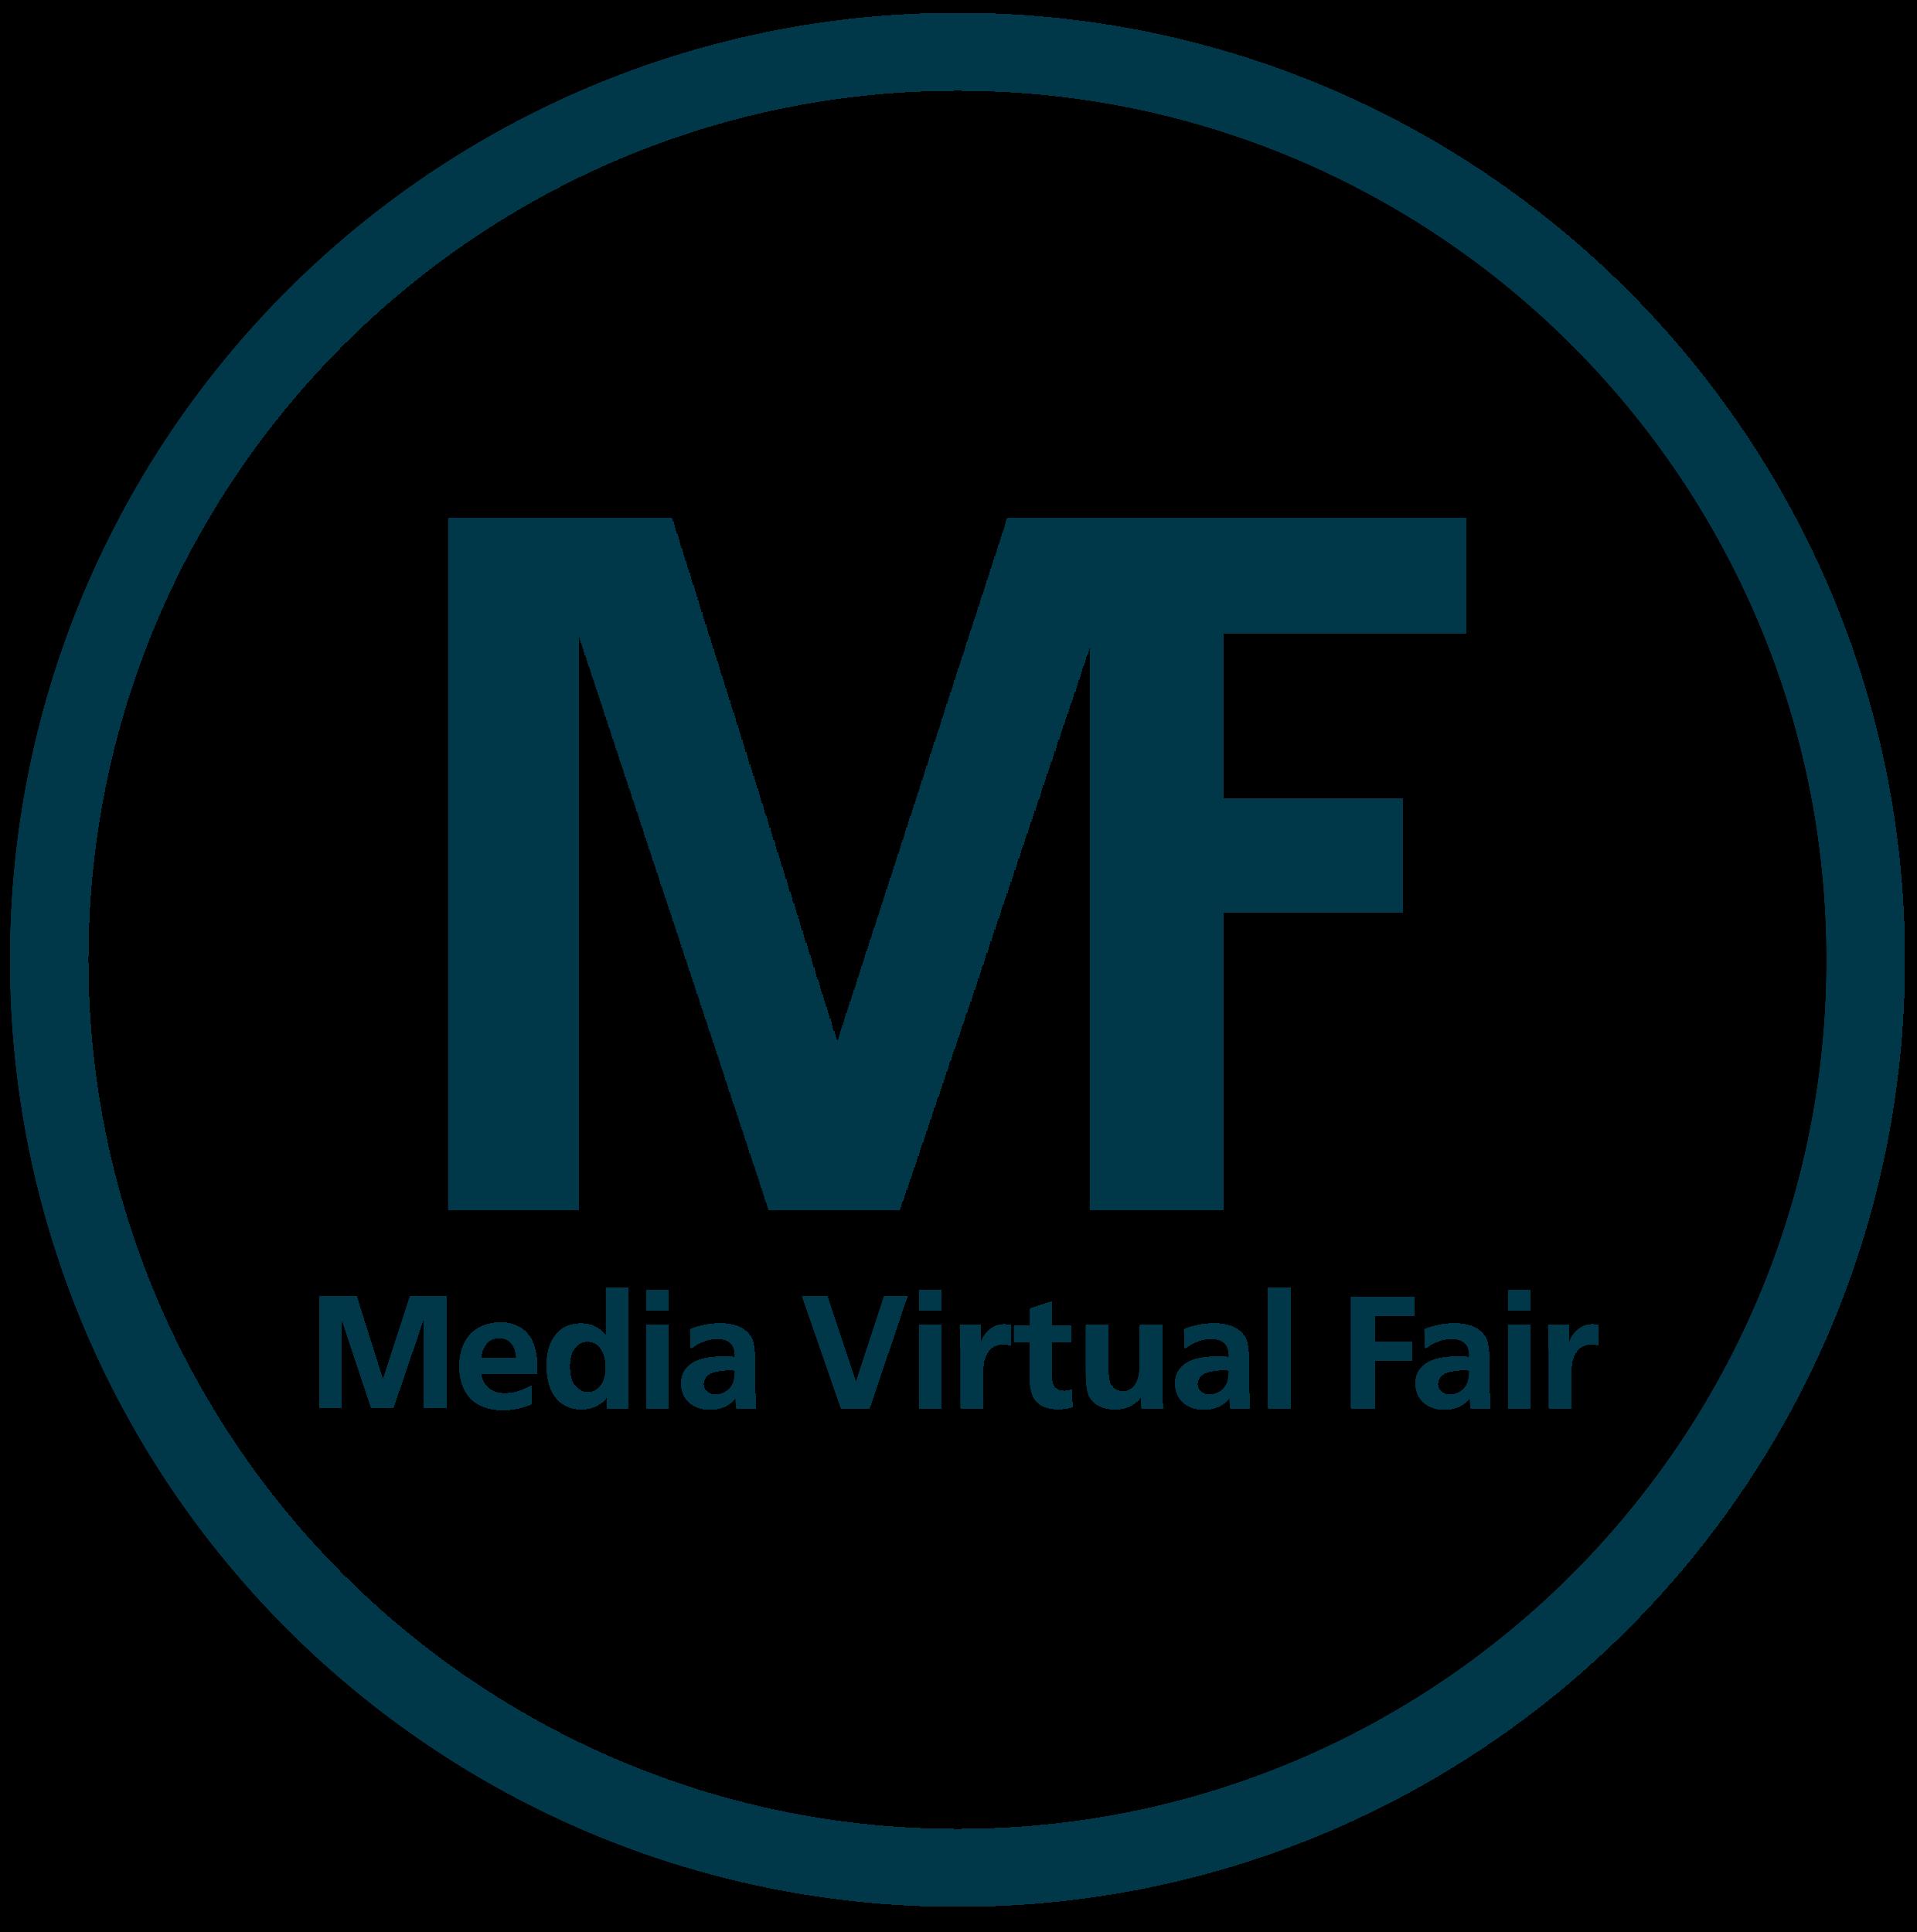 Media Virtual Fair